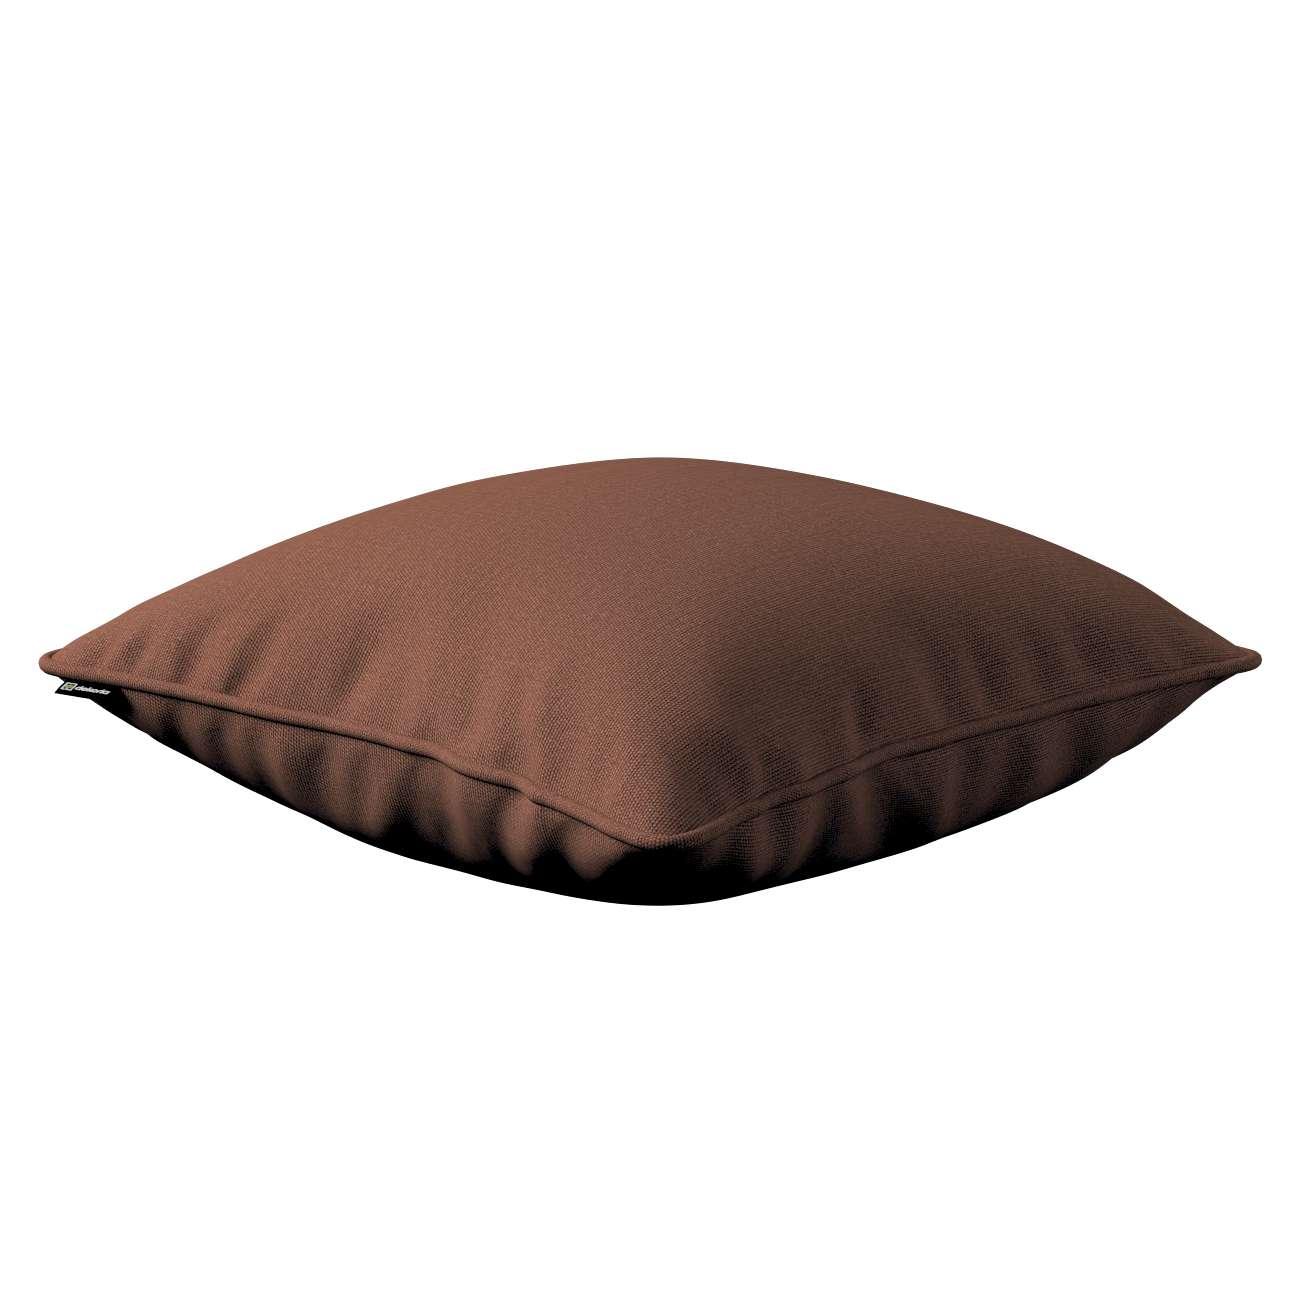 Poszewka Gabi na poduszkę 45 x 45 cm w kolekcji Loneta, tkanina: 133-09